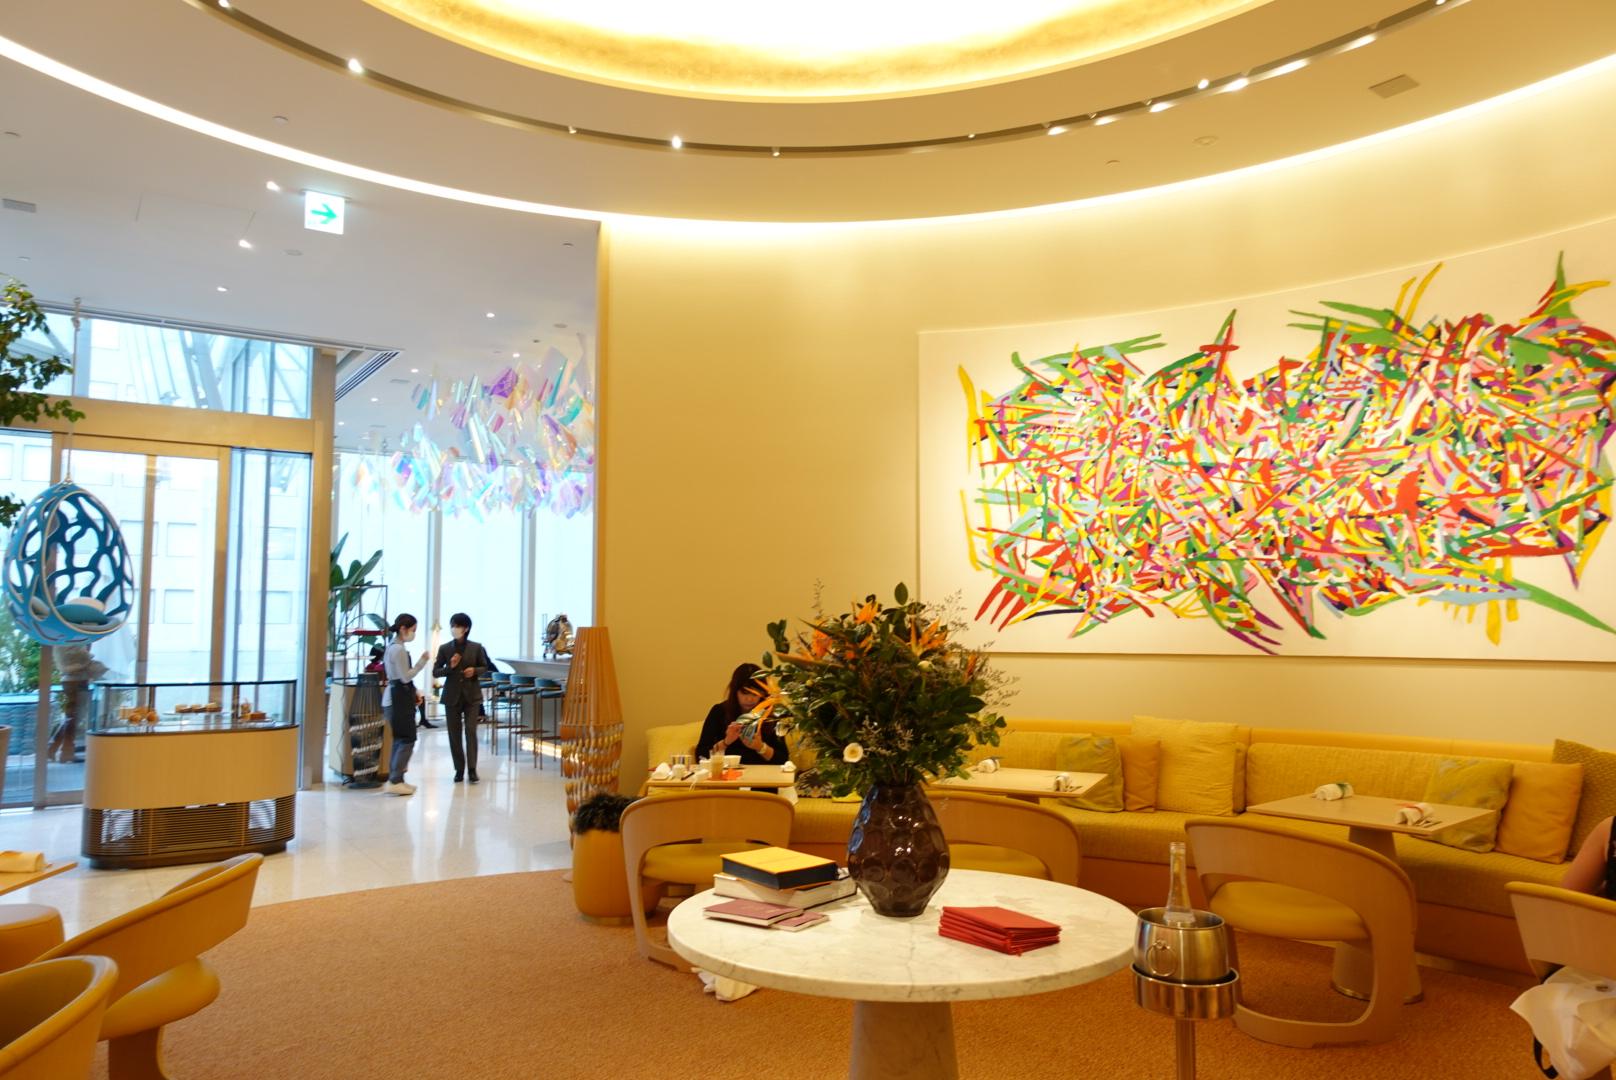 【大阪】世界初!ルイヴィトンのカフェ!?「LE CAFE V」に行ってみたら一番人気のミルフィーユが大きすぎる!?ブルジョアな気分になるカフェに潜入!!!_1